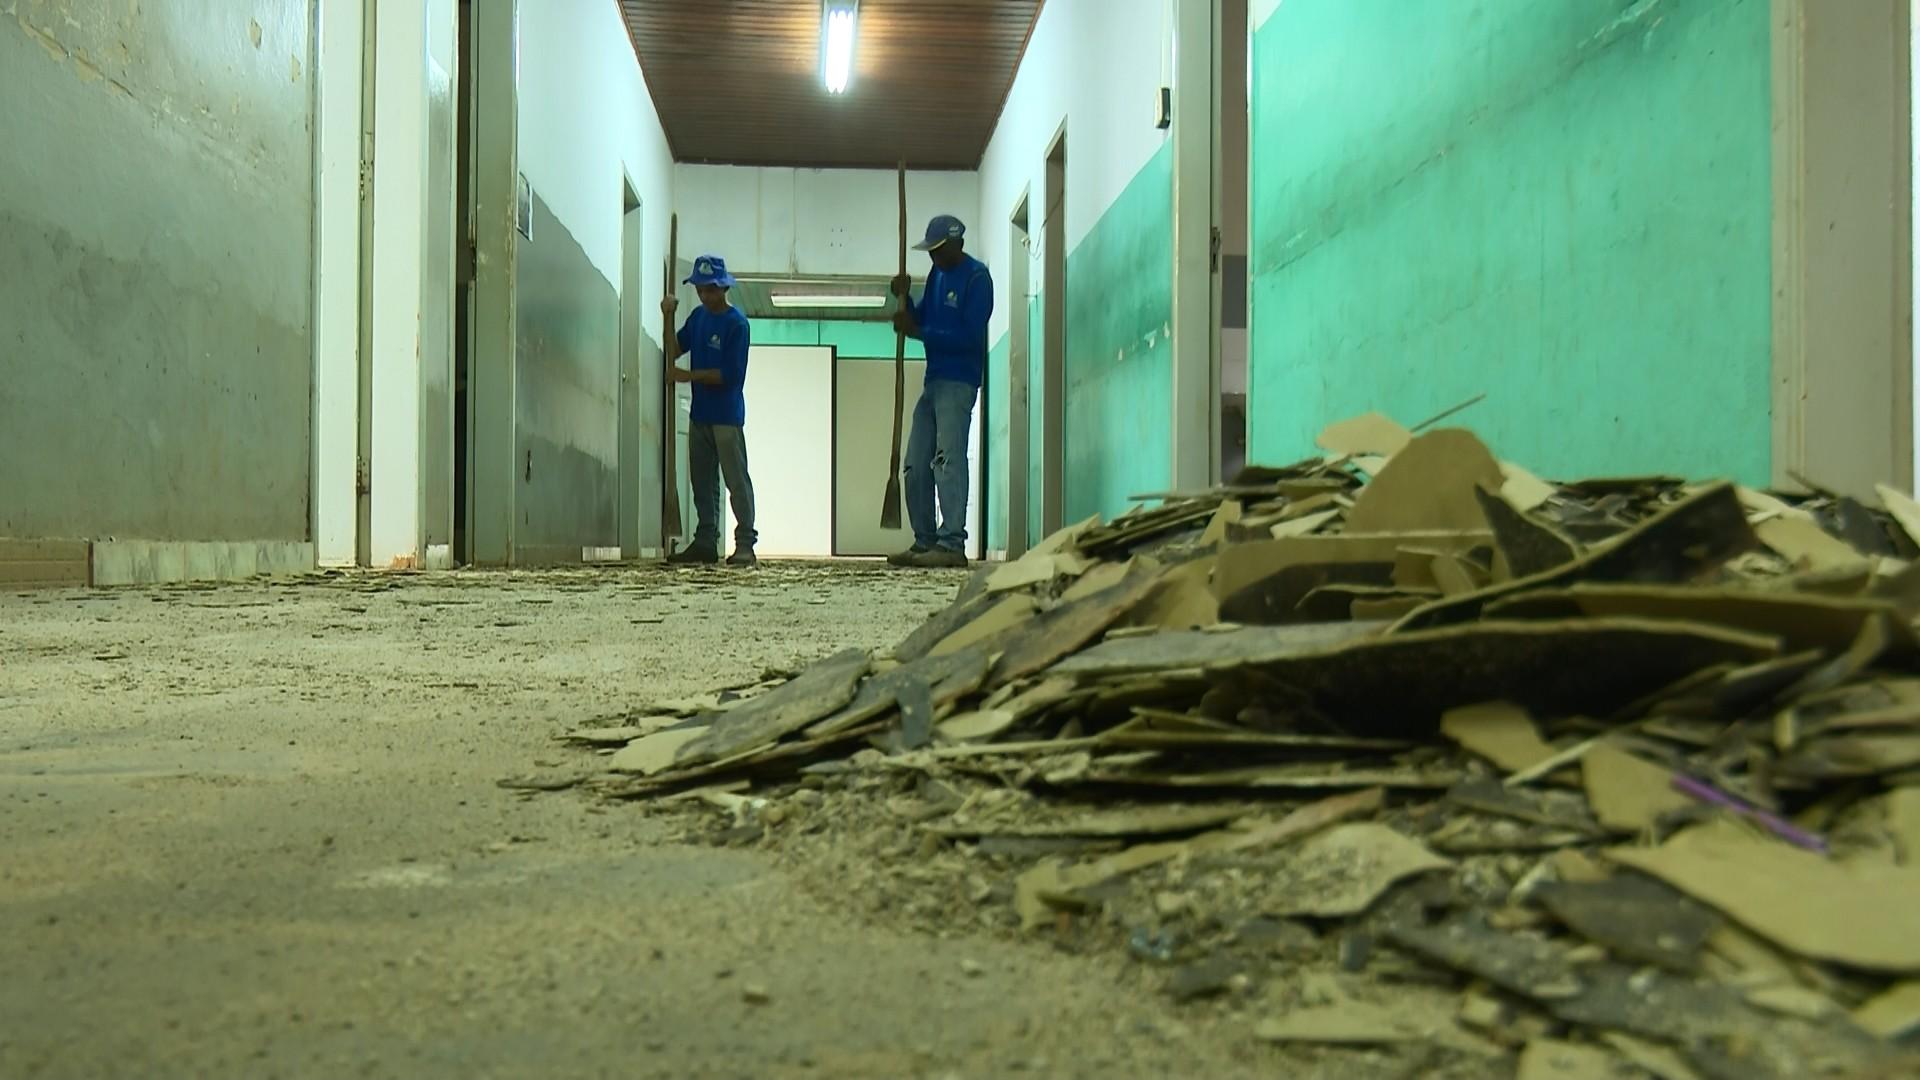 Unidade Básica de Saúde Nova Esperança passa a atender em novo endereço em Cacoal, RO